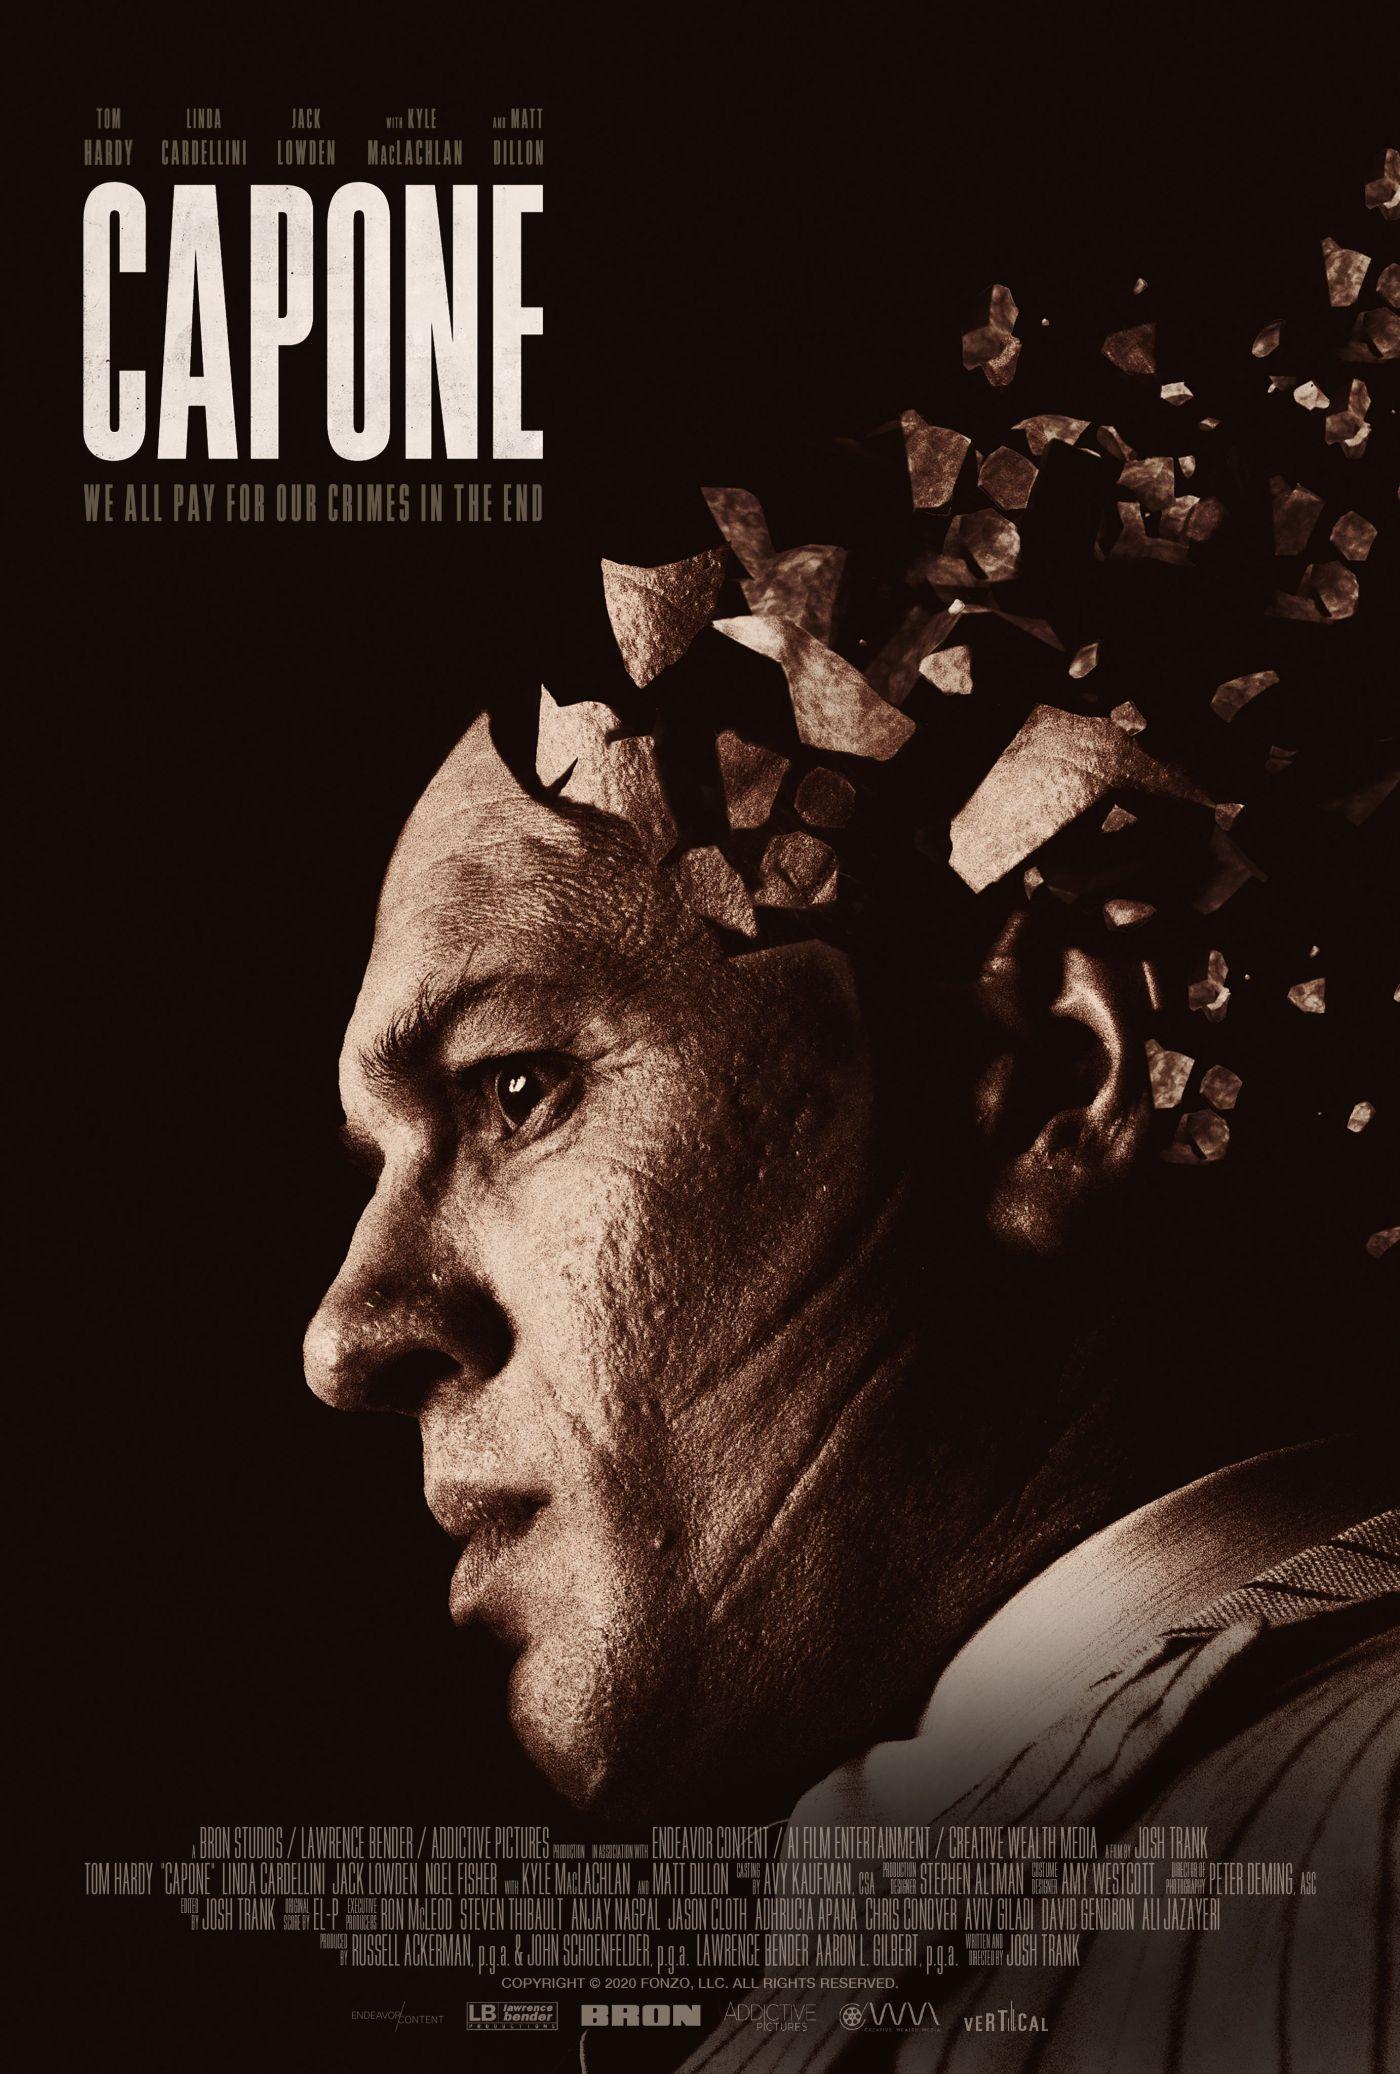 Capone-Poster-Cinema-Gizmo